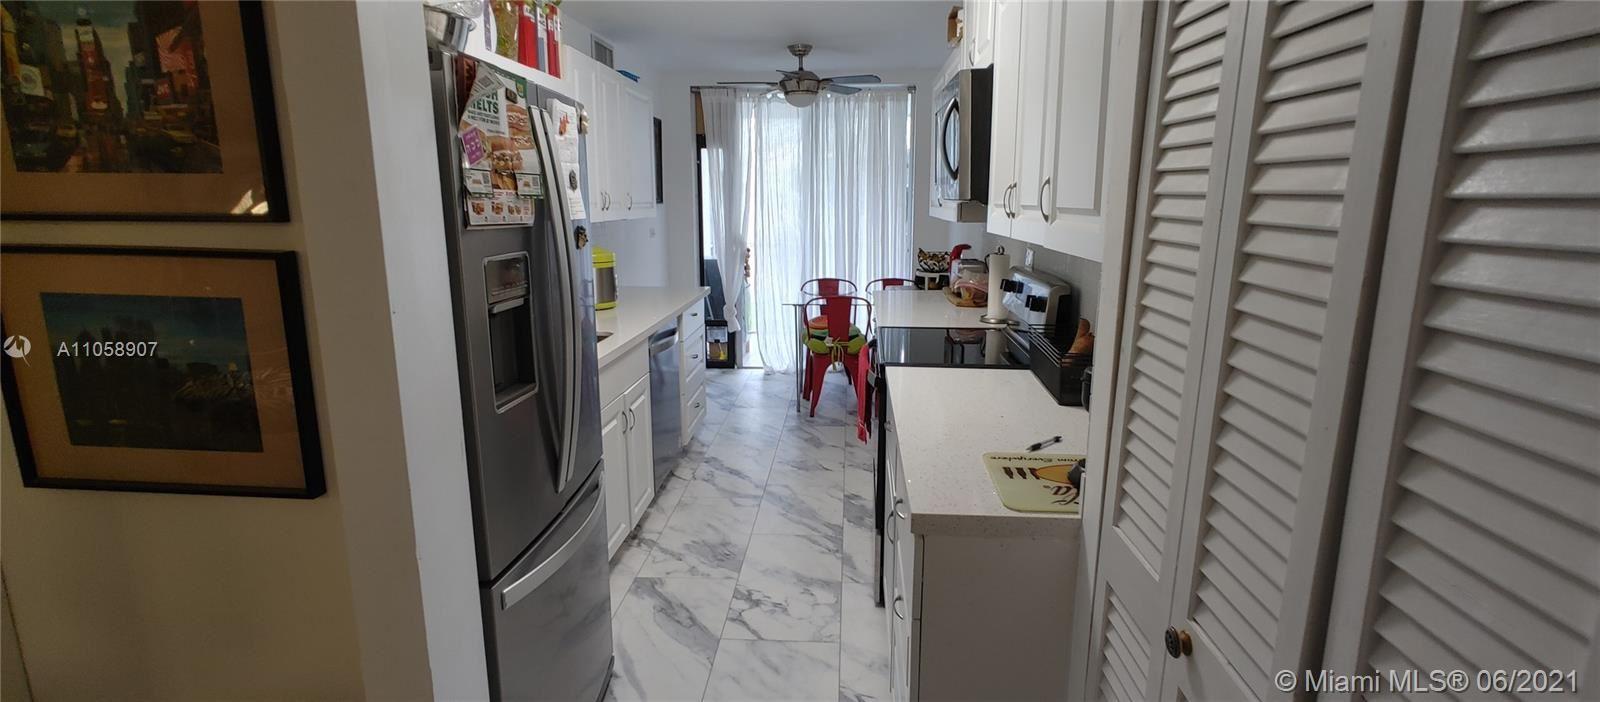 1670 NE 191st St #210-3, Miami, FL 33179 - #: A11058907